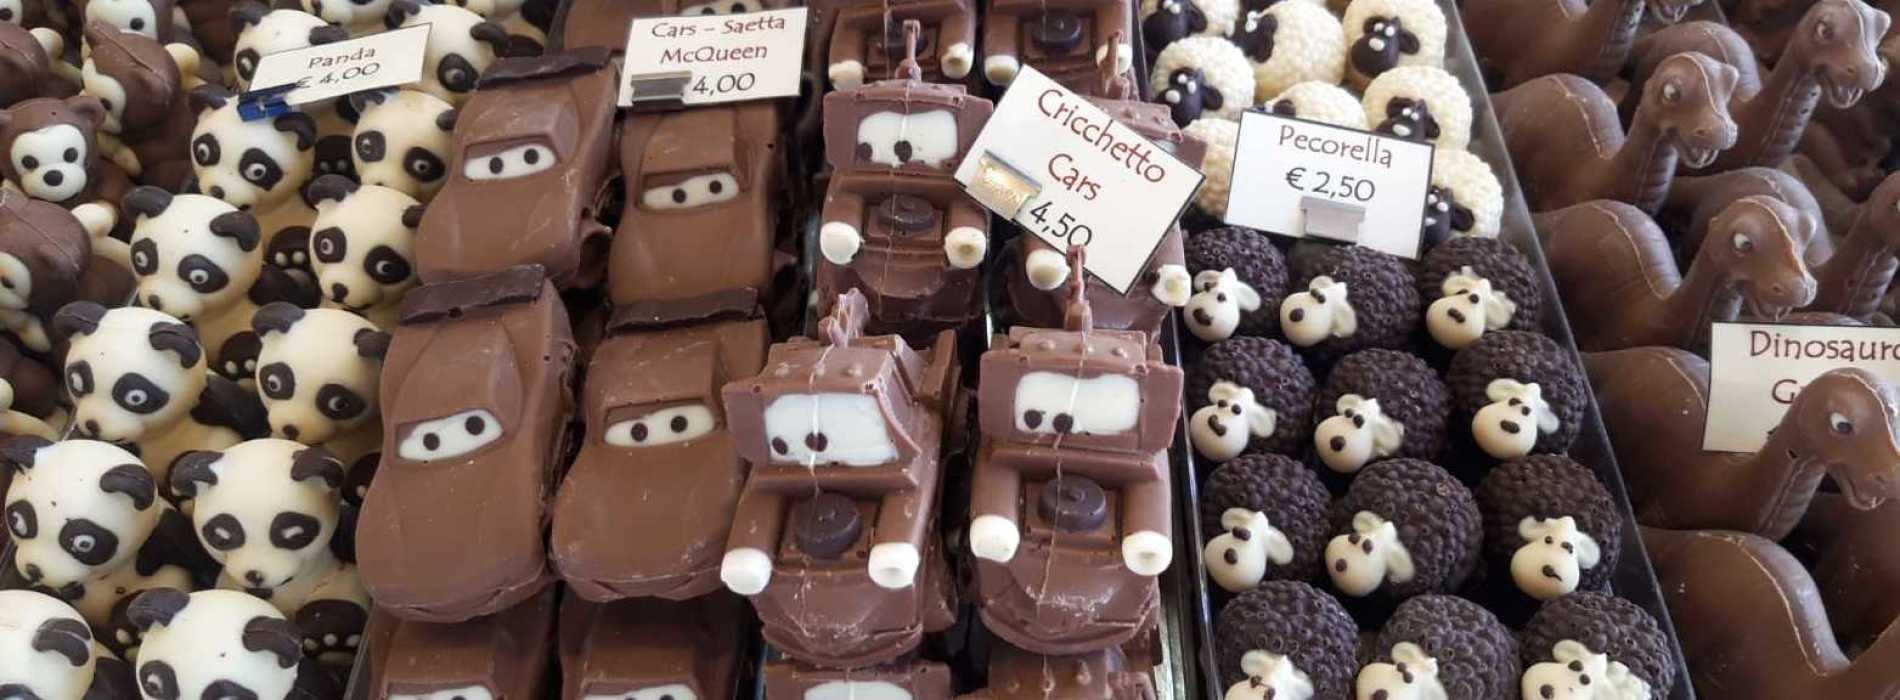 Chocolate Days, dolce salotto del gusto all'ombra della Reggia